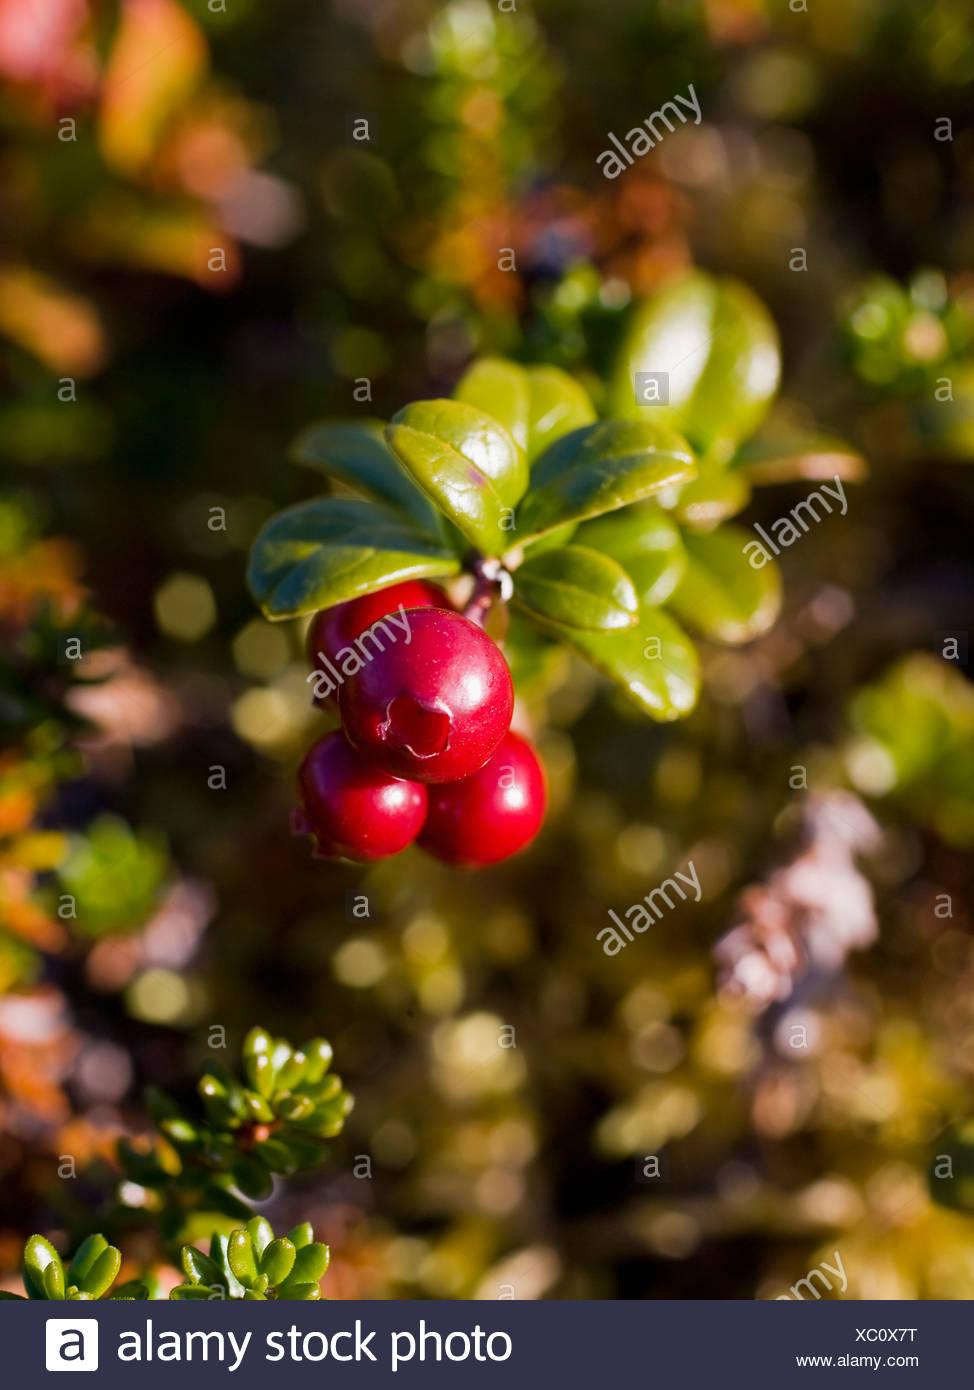 Red lingon berries - Stock Image